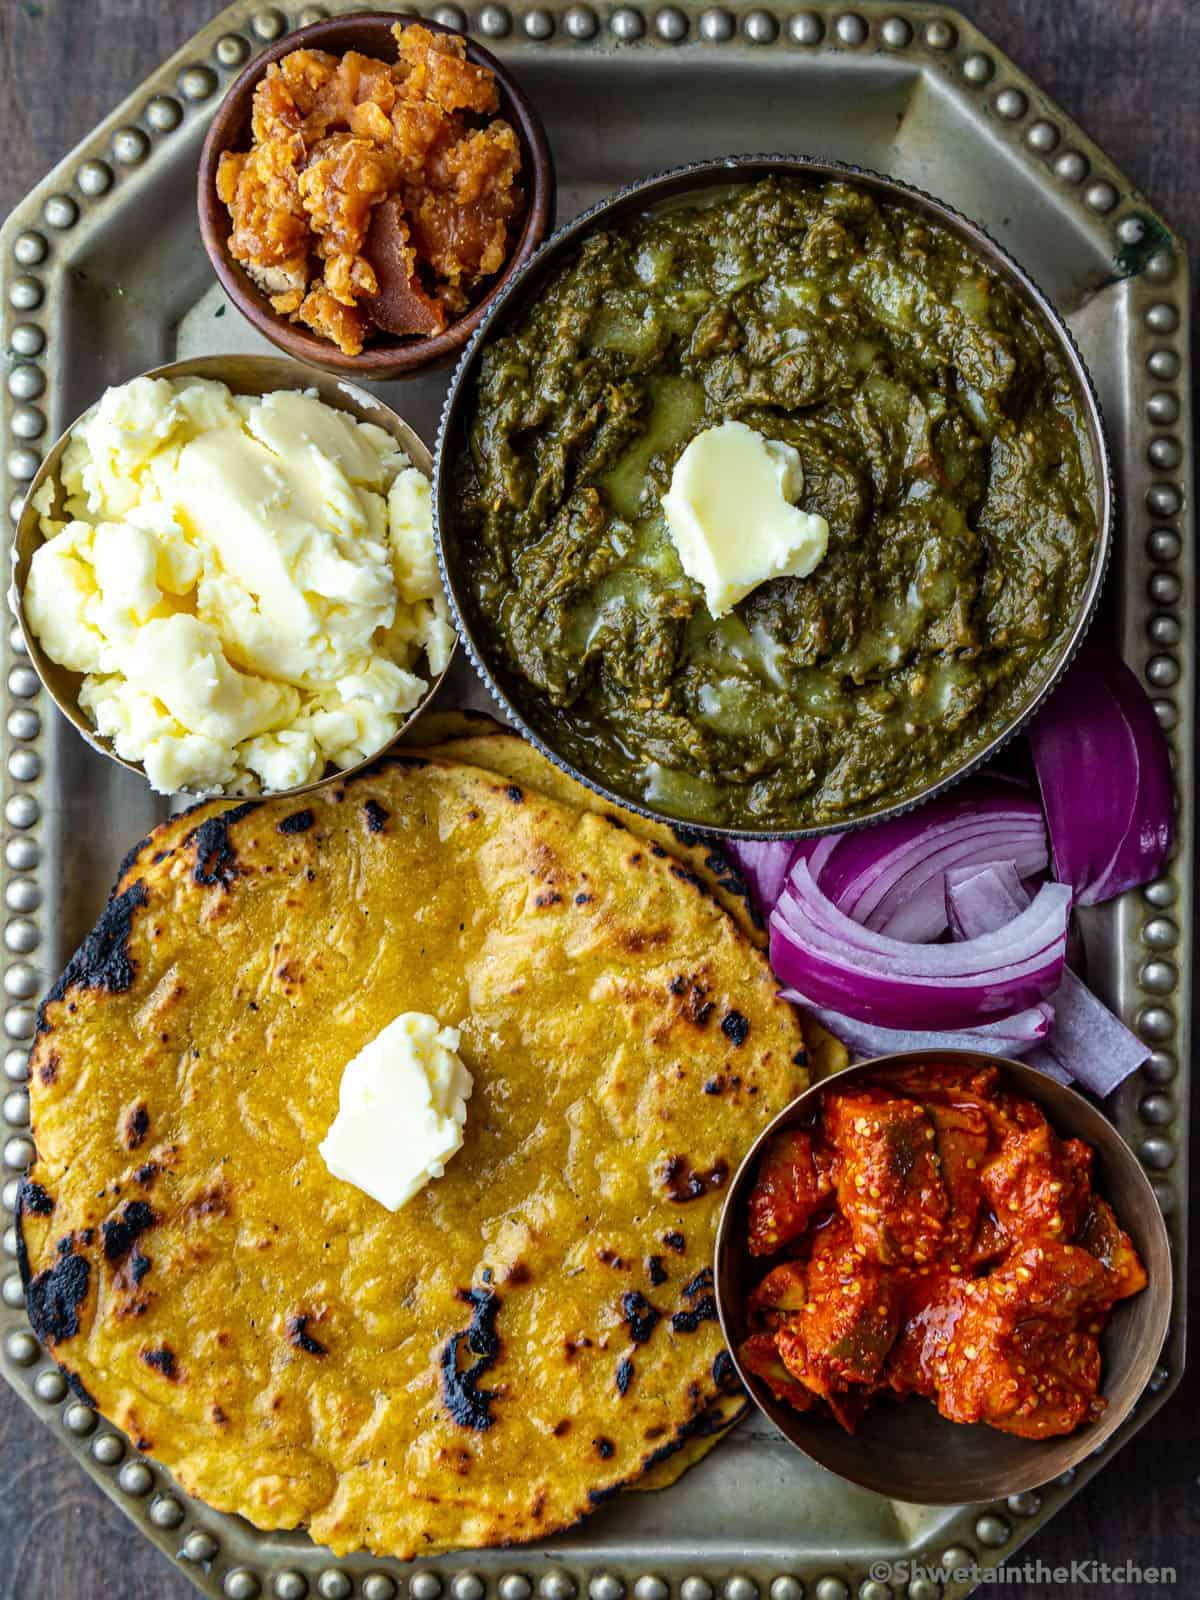 Makki ki roti Sarson ka saag along with white butter, jaggery, pickles and onions